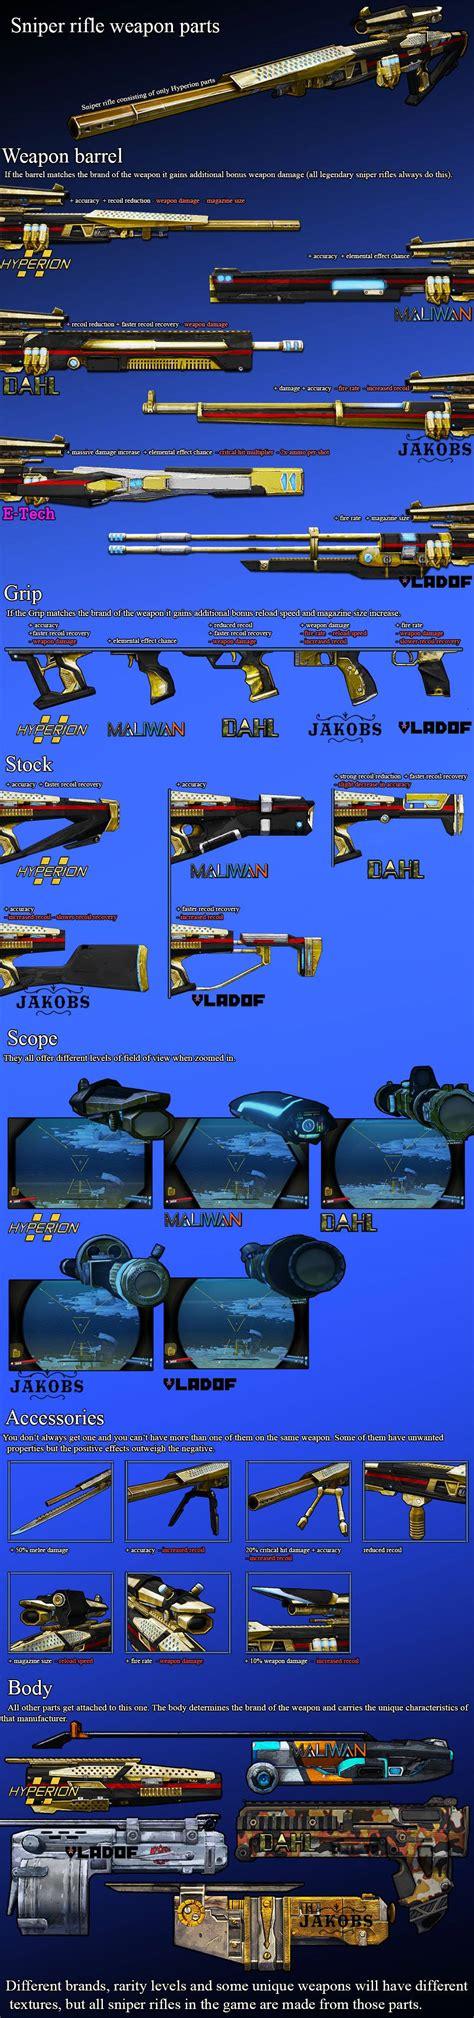 Borderlands Sniper Rifle Parts